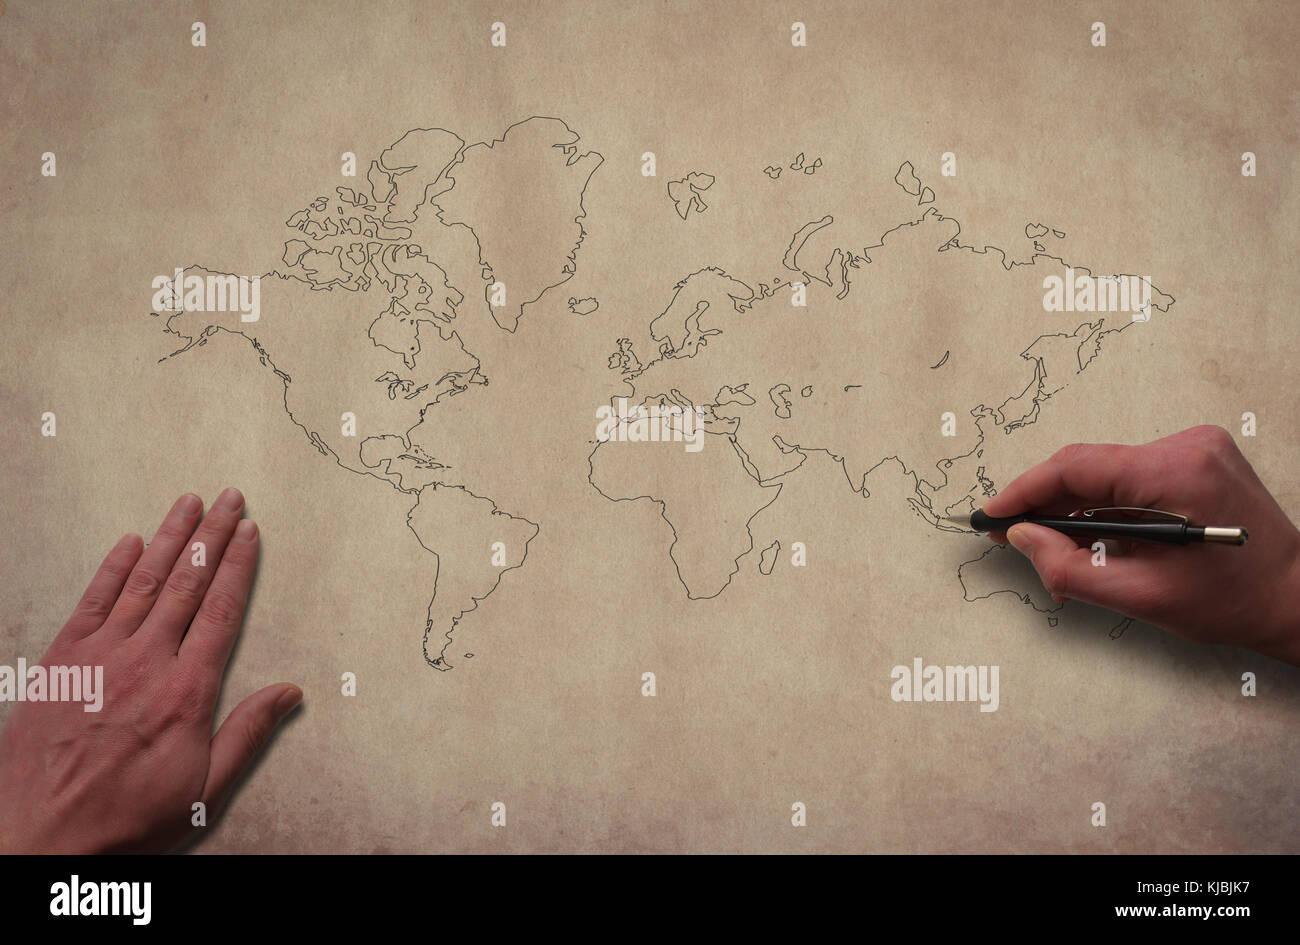 Hände Zeichnen Weltkarte überblick Weltkarte Auf Dem Alten